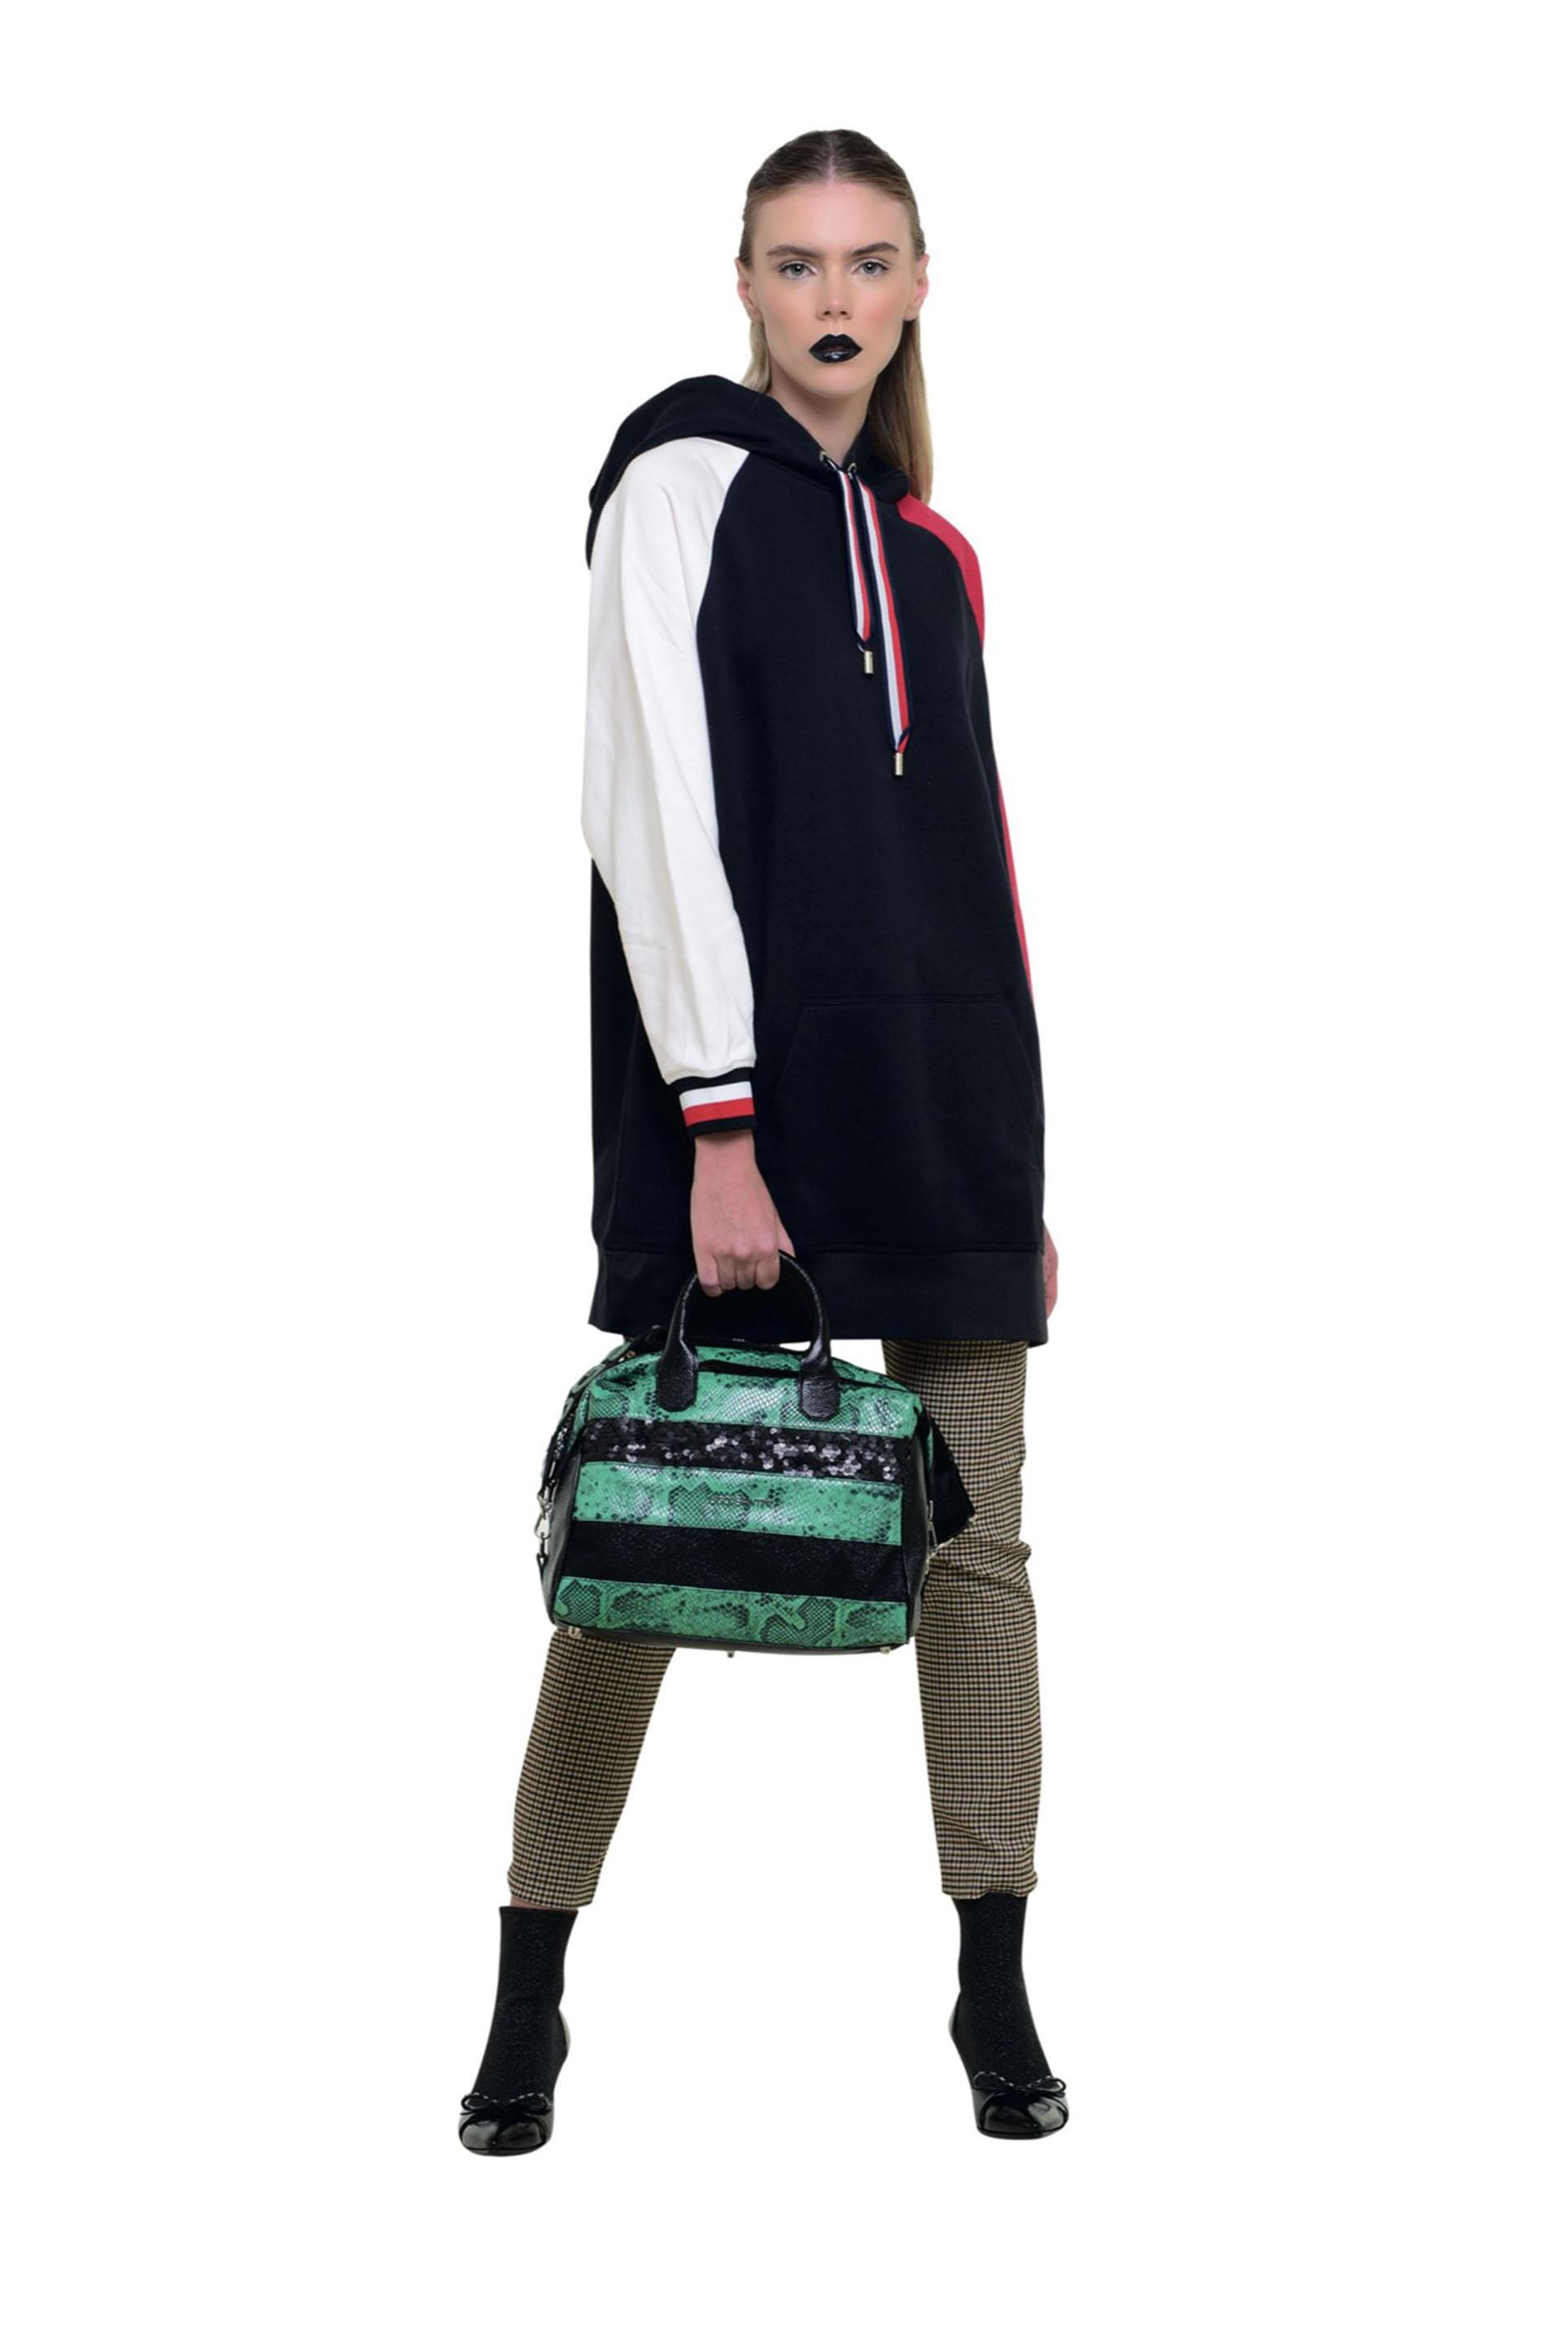 #PARA TI - ITEMS - buzos - moda - AC01